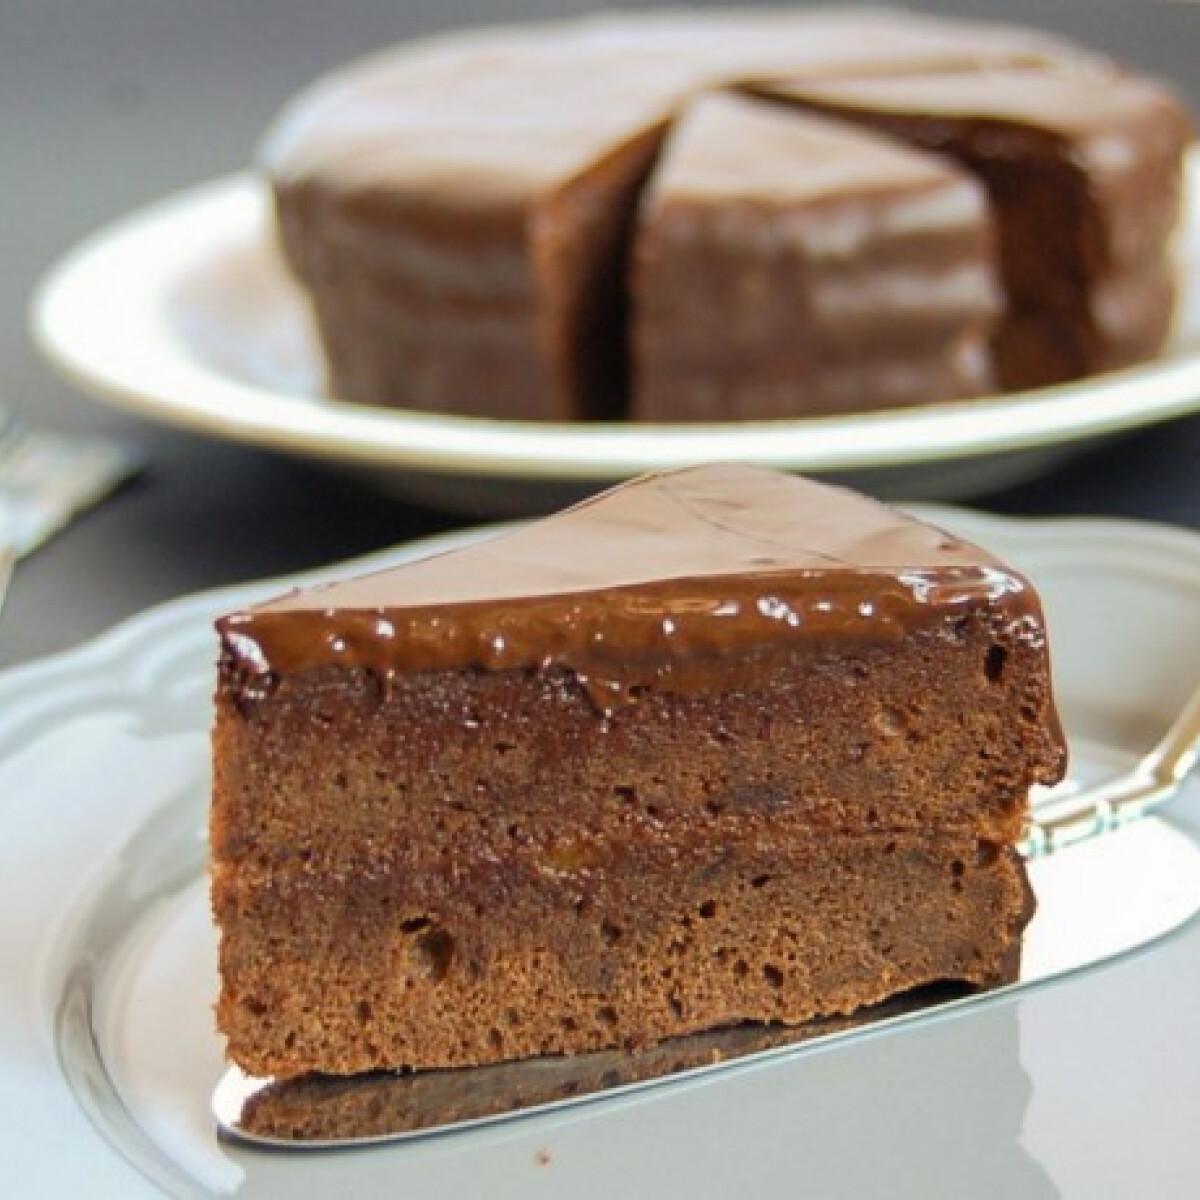 Ezen a képen: Sacher torta - az eredeti